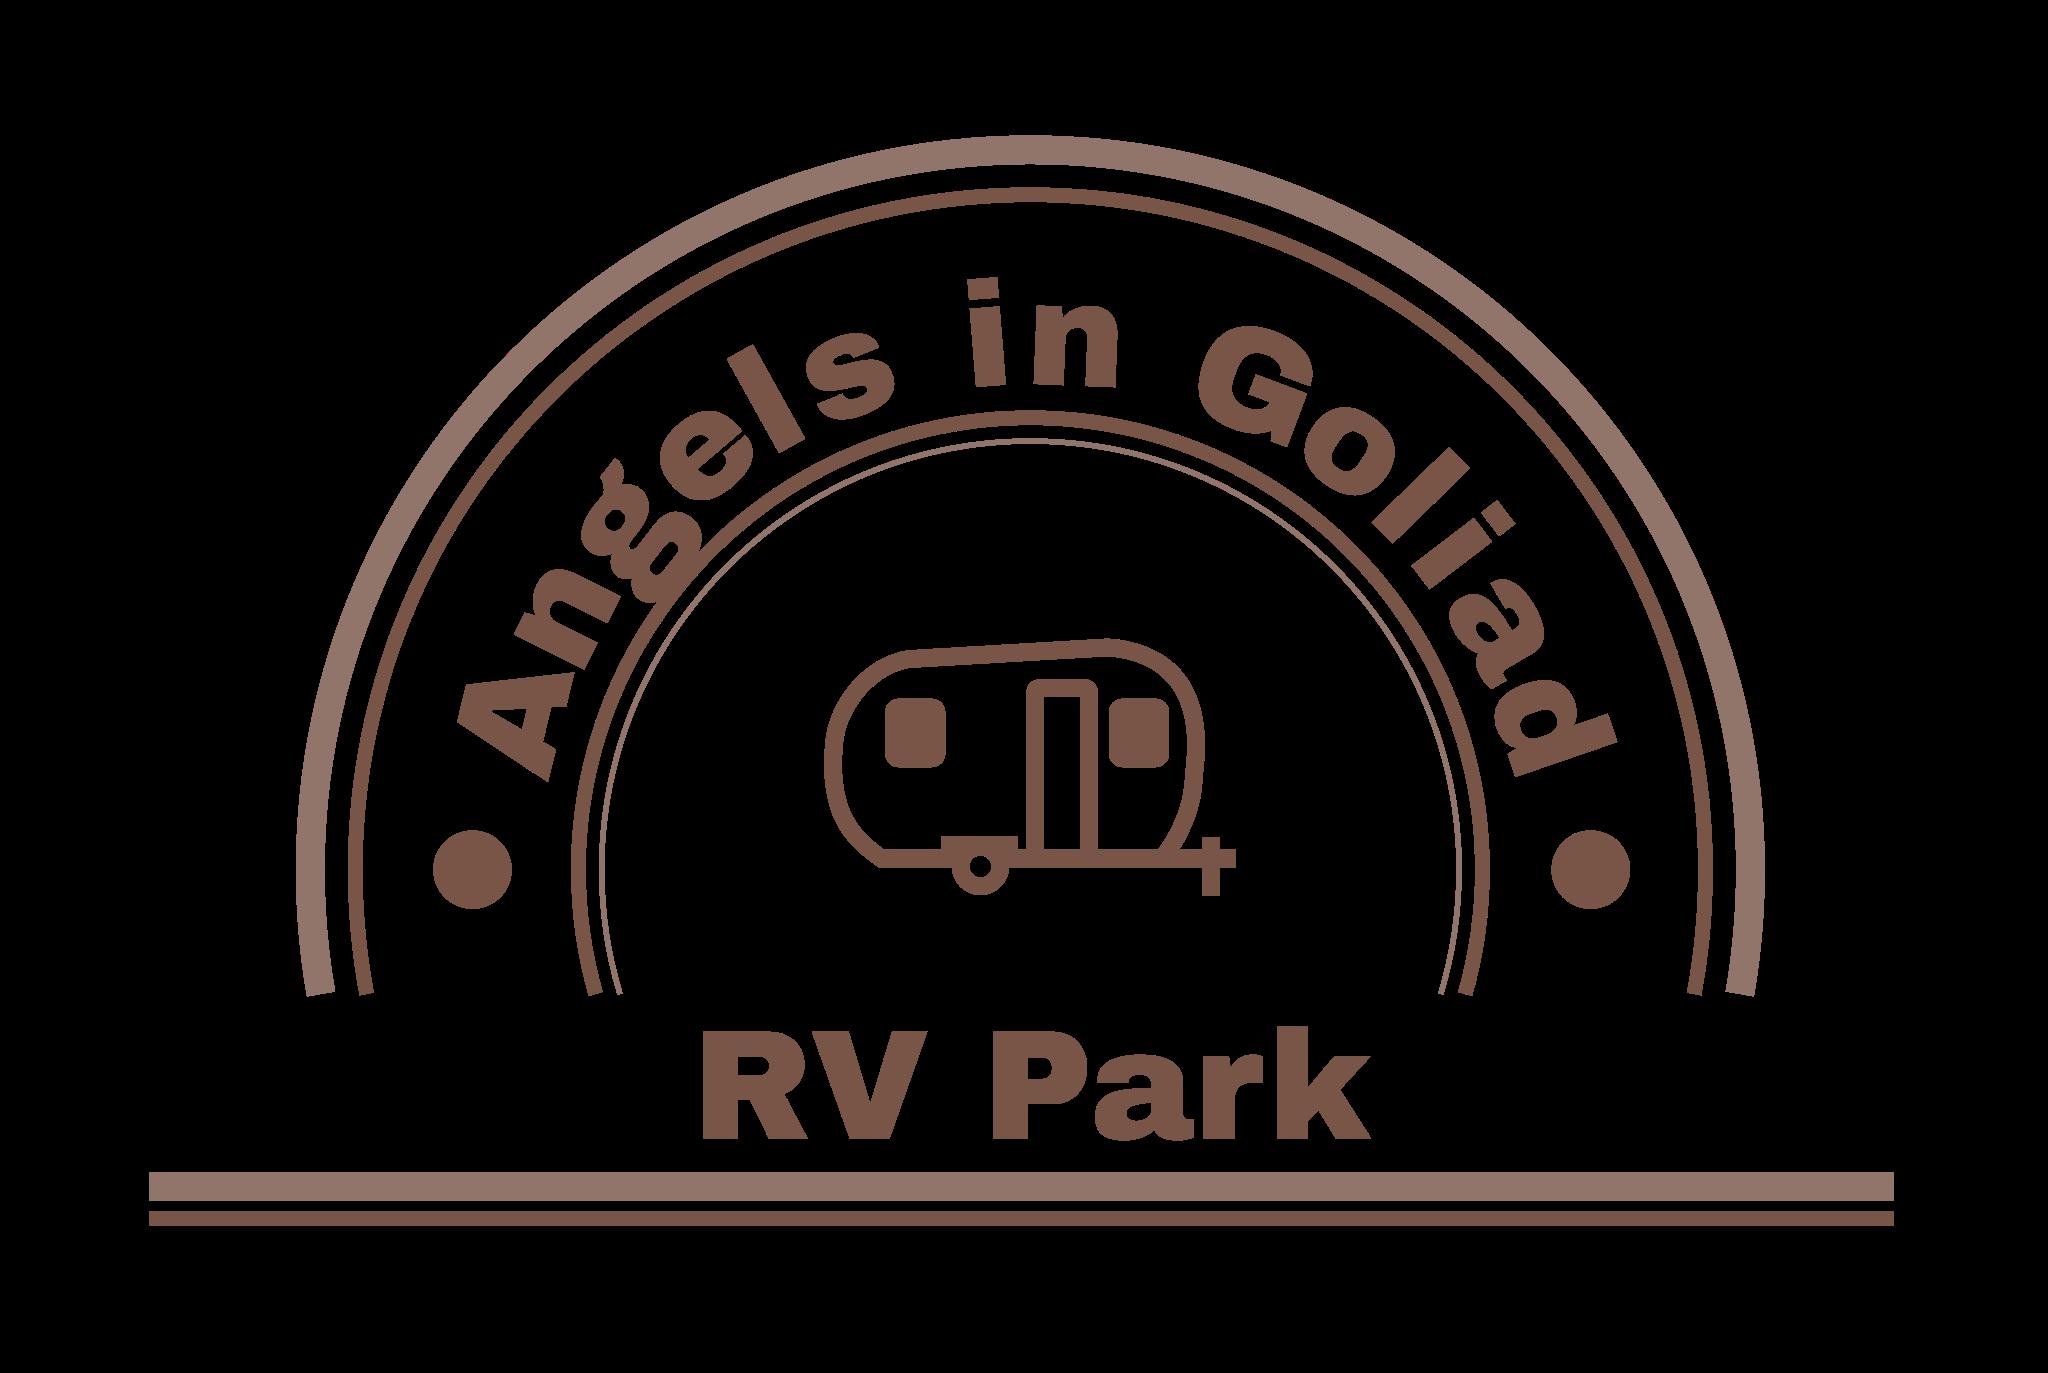 Angels In Goliad RV Park in Goliad, Texas - Home